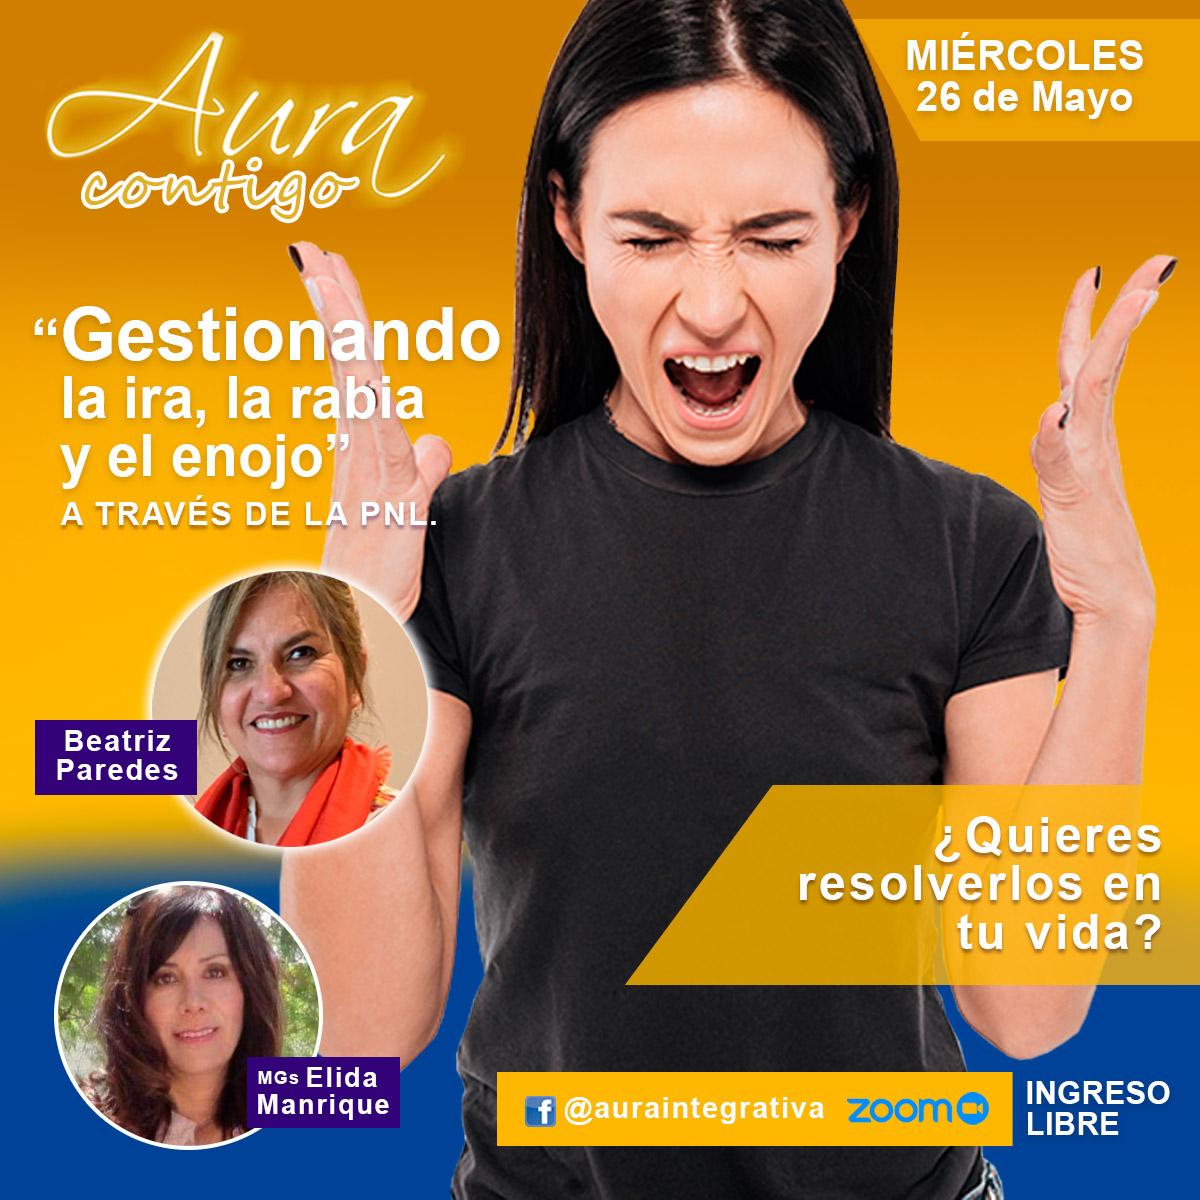 Webinar sobre la gestión de la ira en Aura Contigo